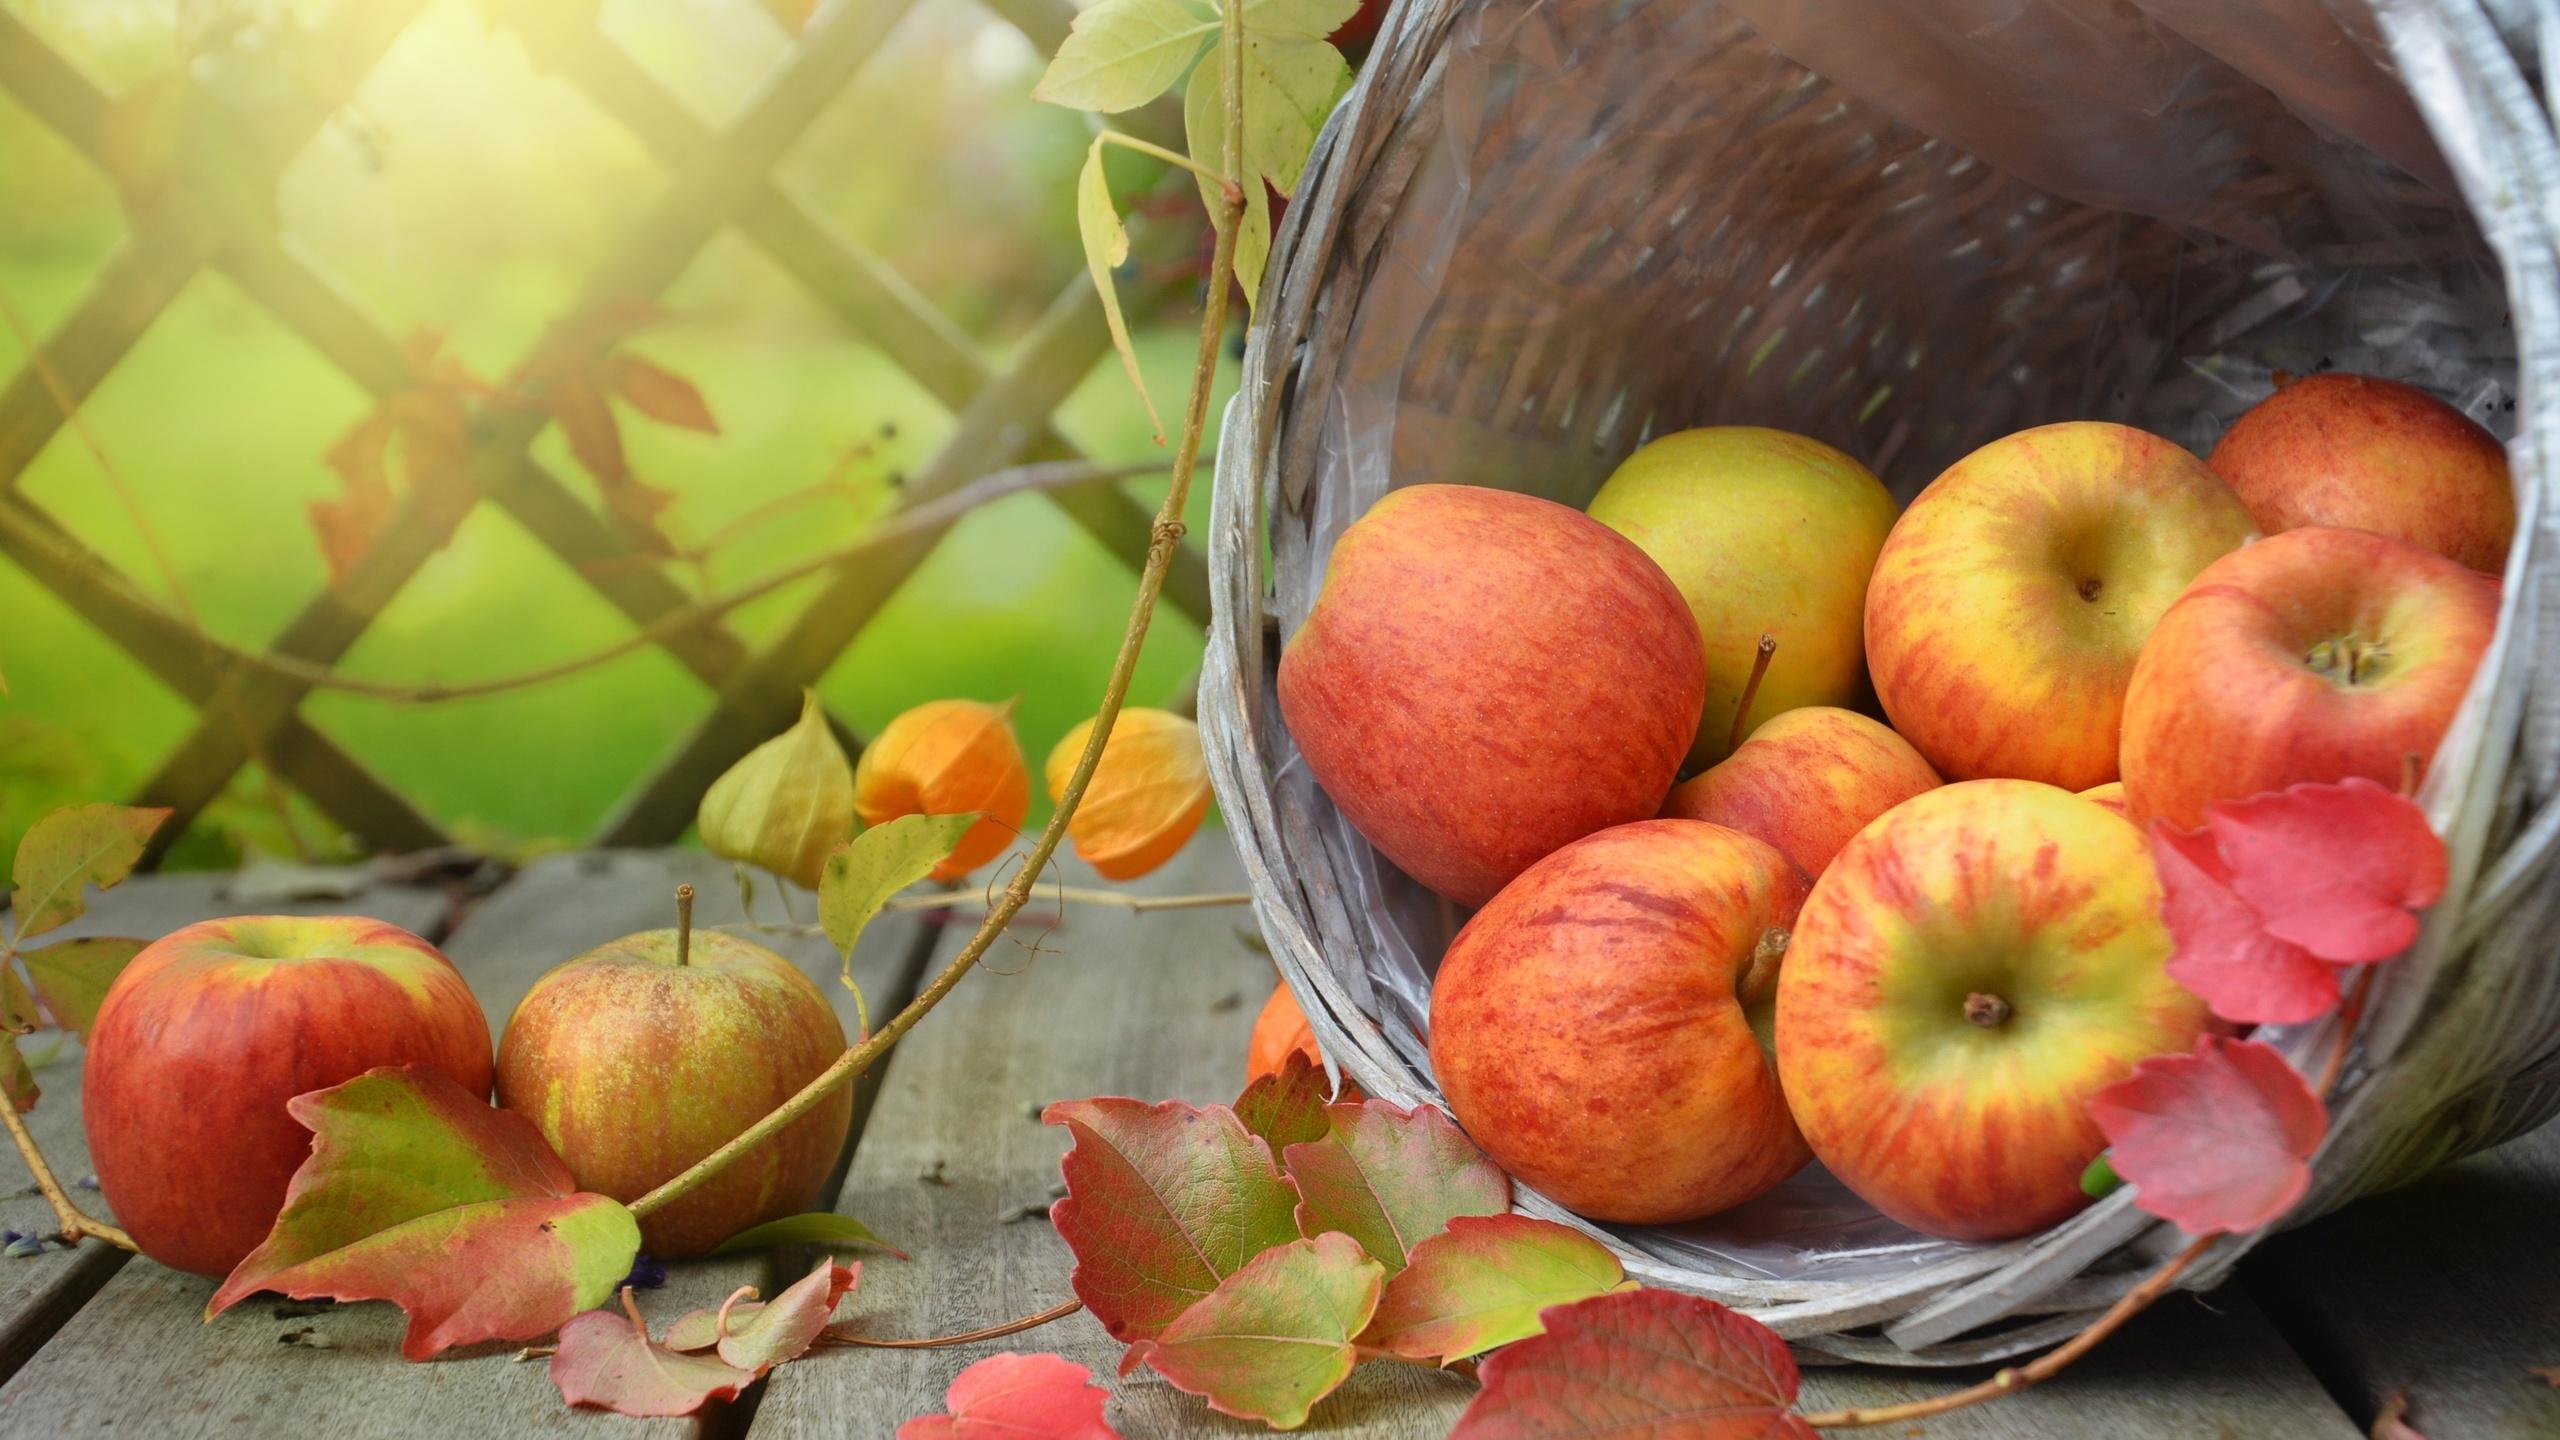 осень, яблоки, корзина, физалис, фрукты, доски, листья, ветки, плоды